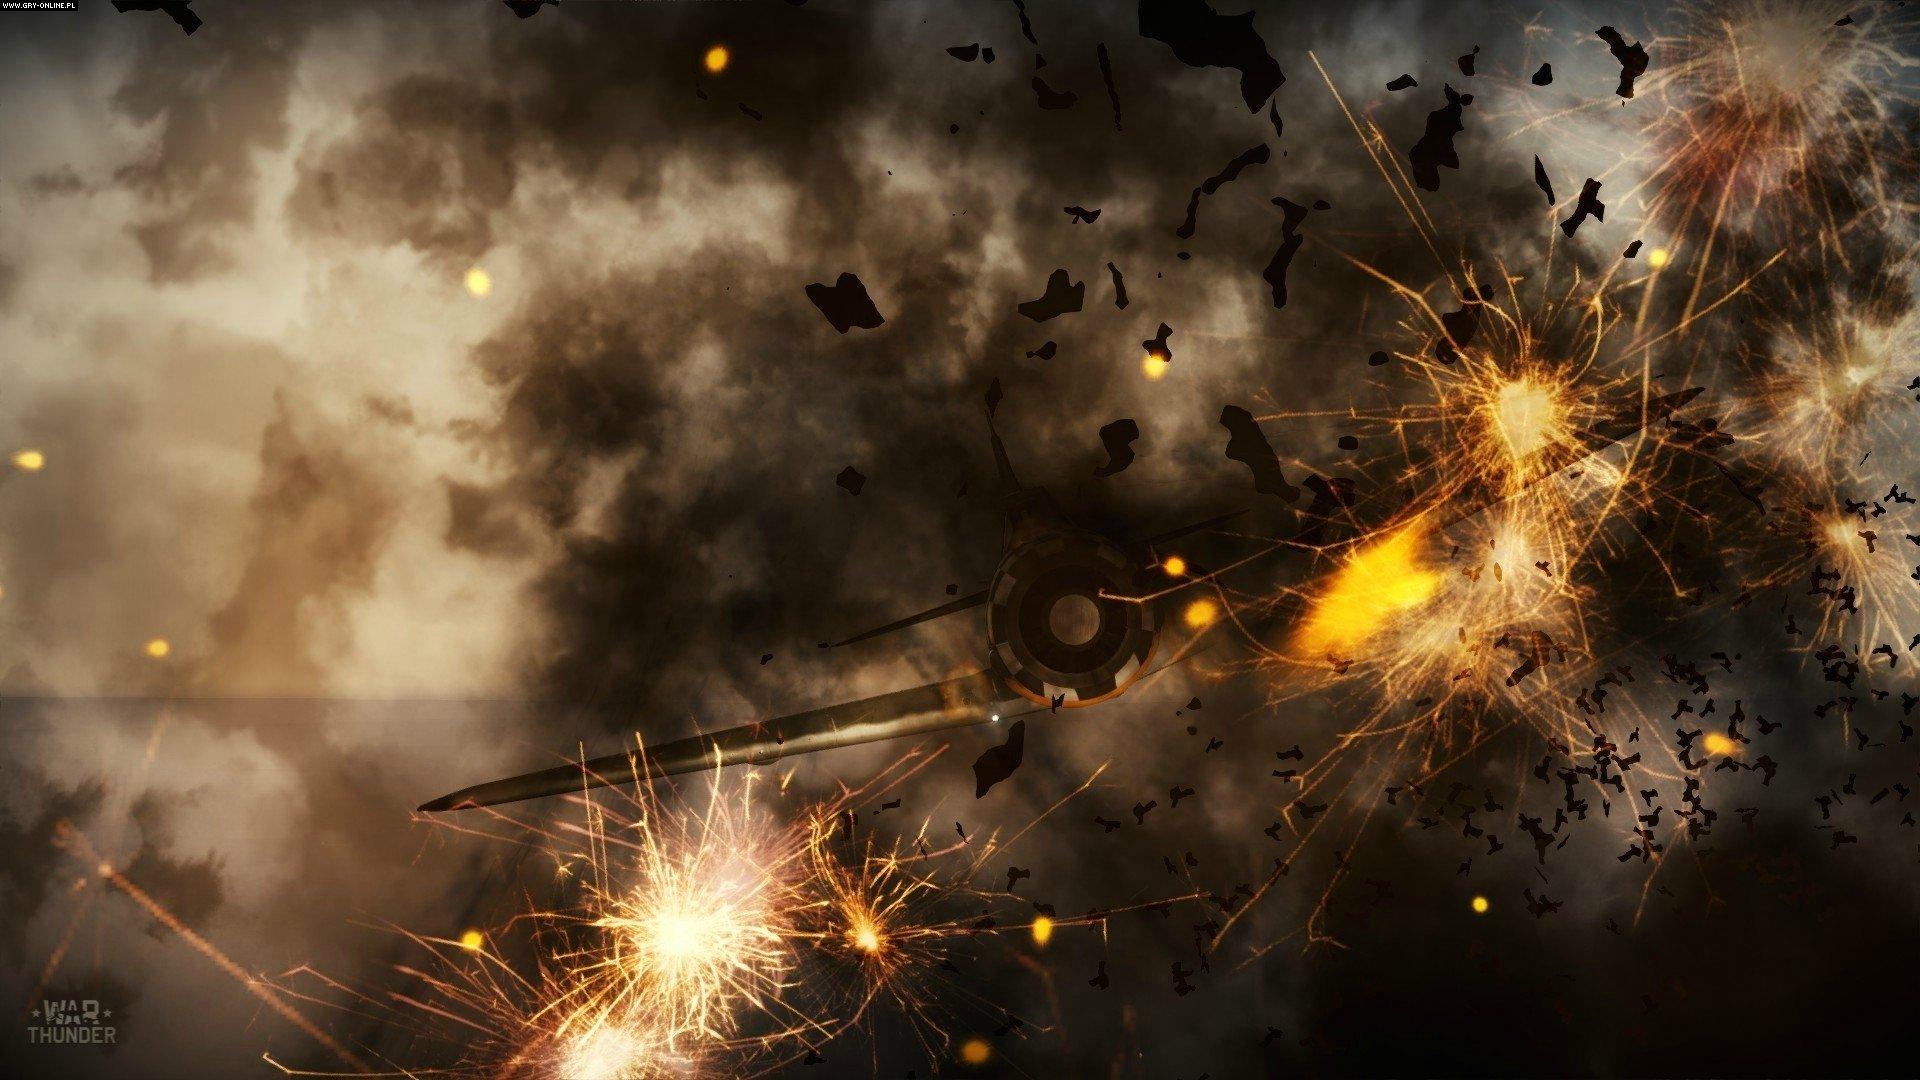 War Thunder Wallpaper 1920x1080